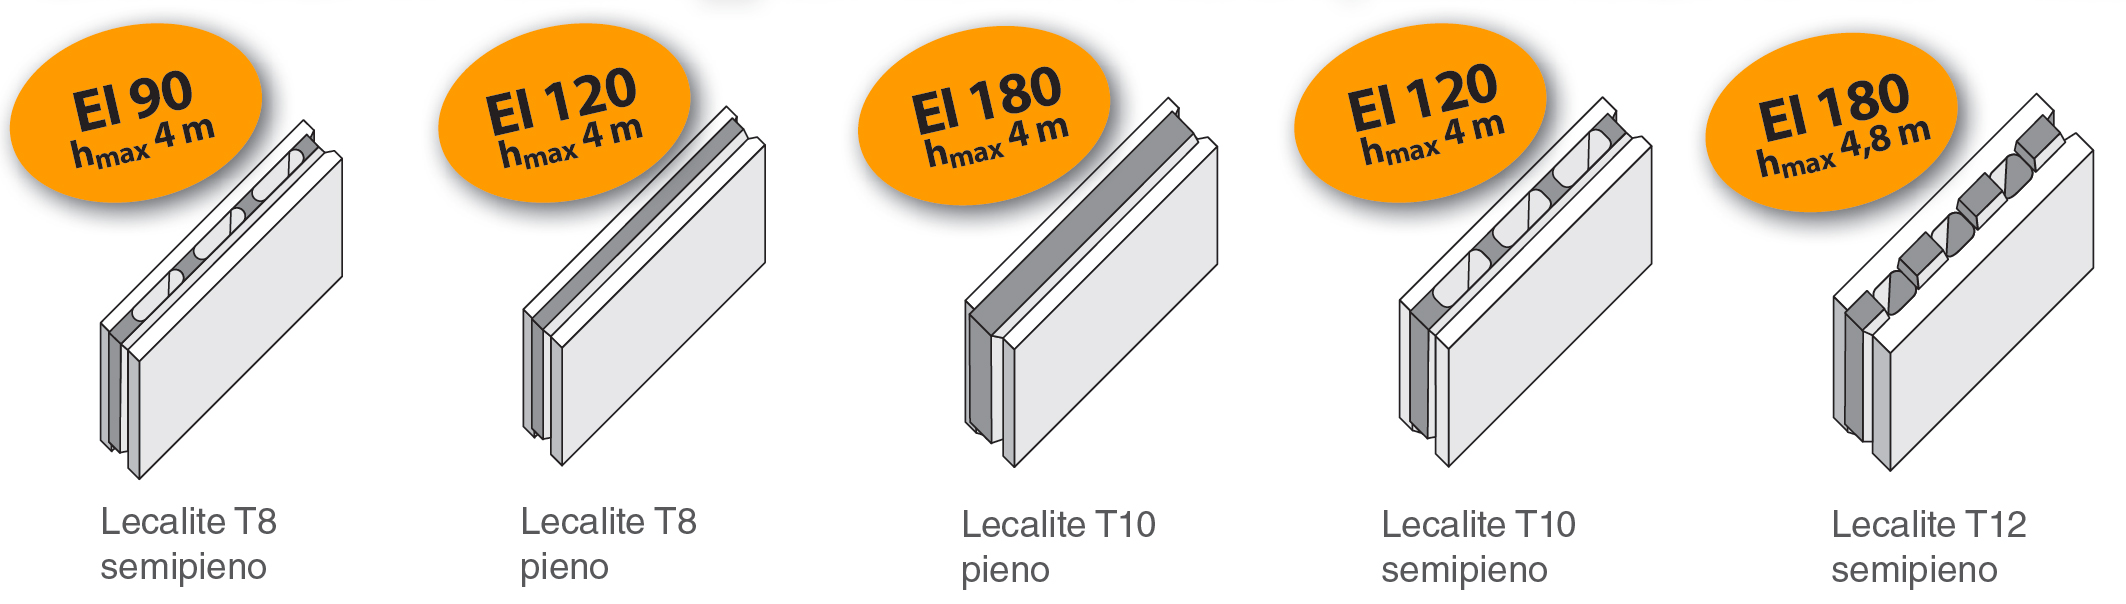 mc113-tramezza-lecalite-valori-ei